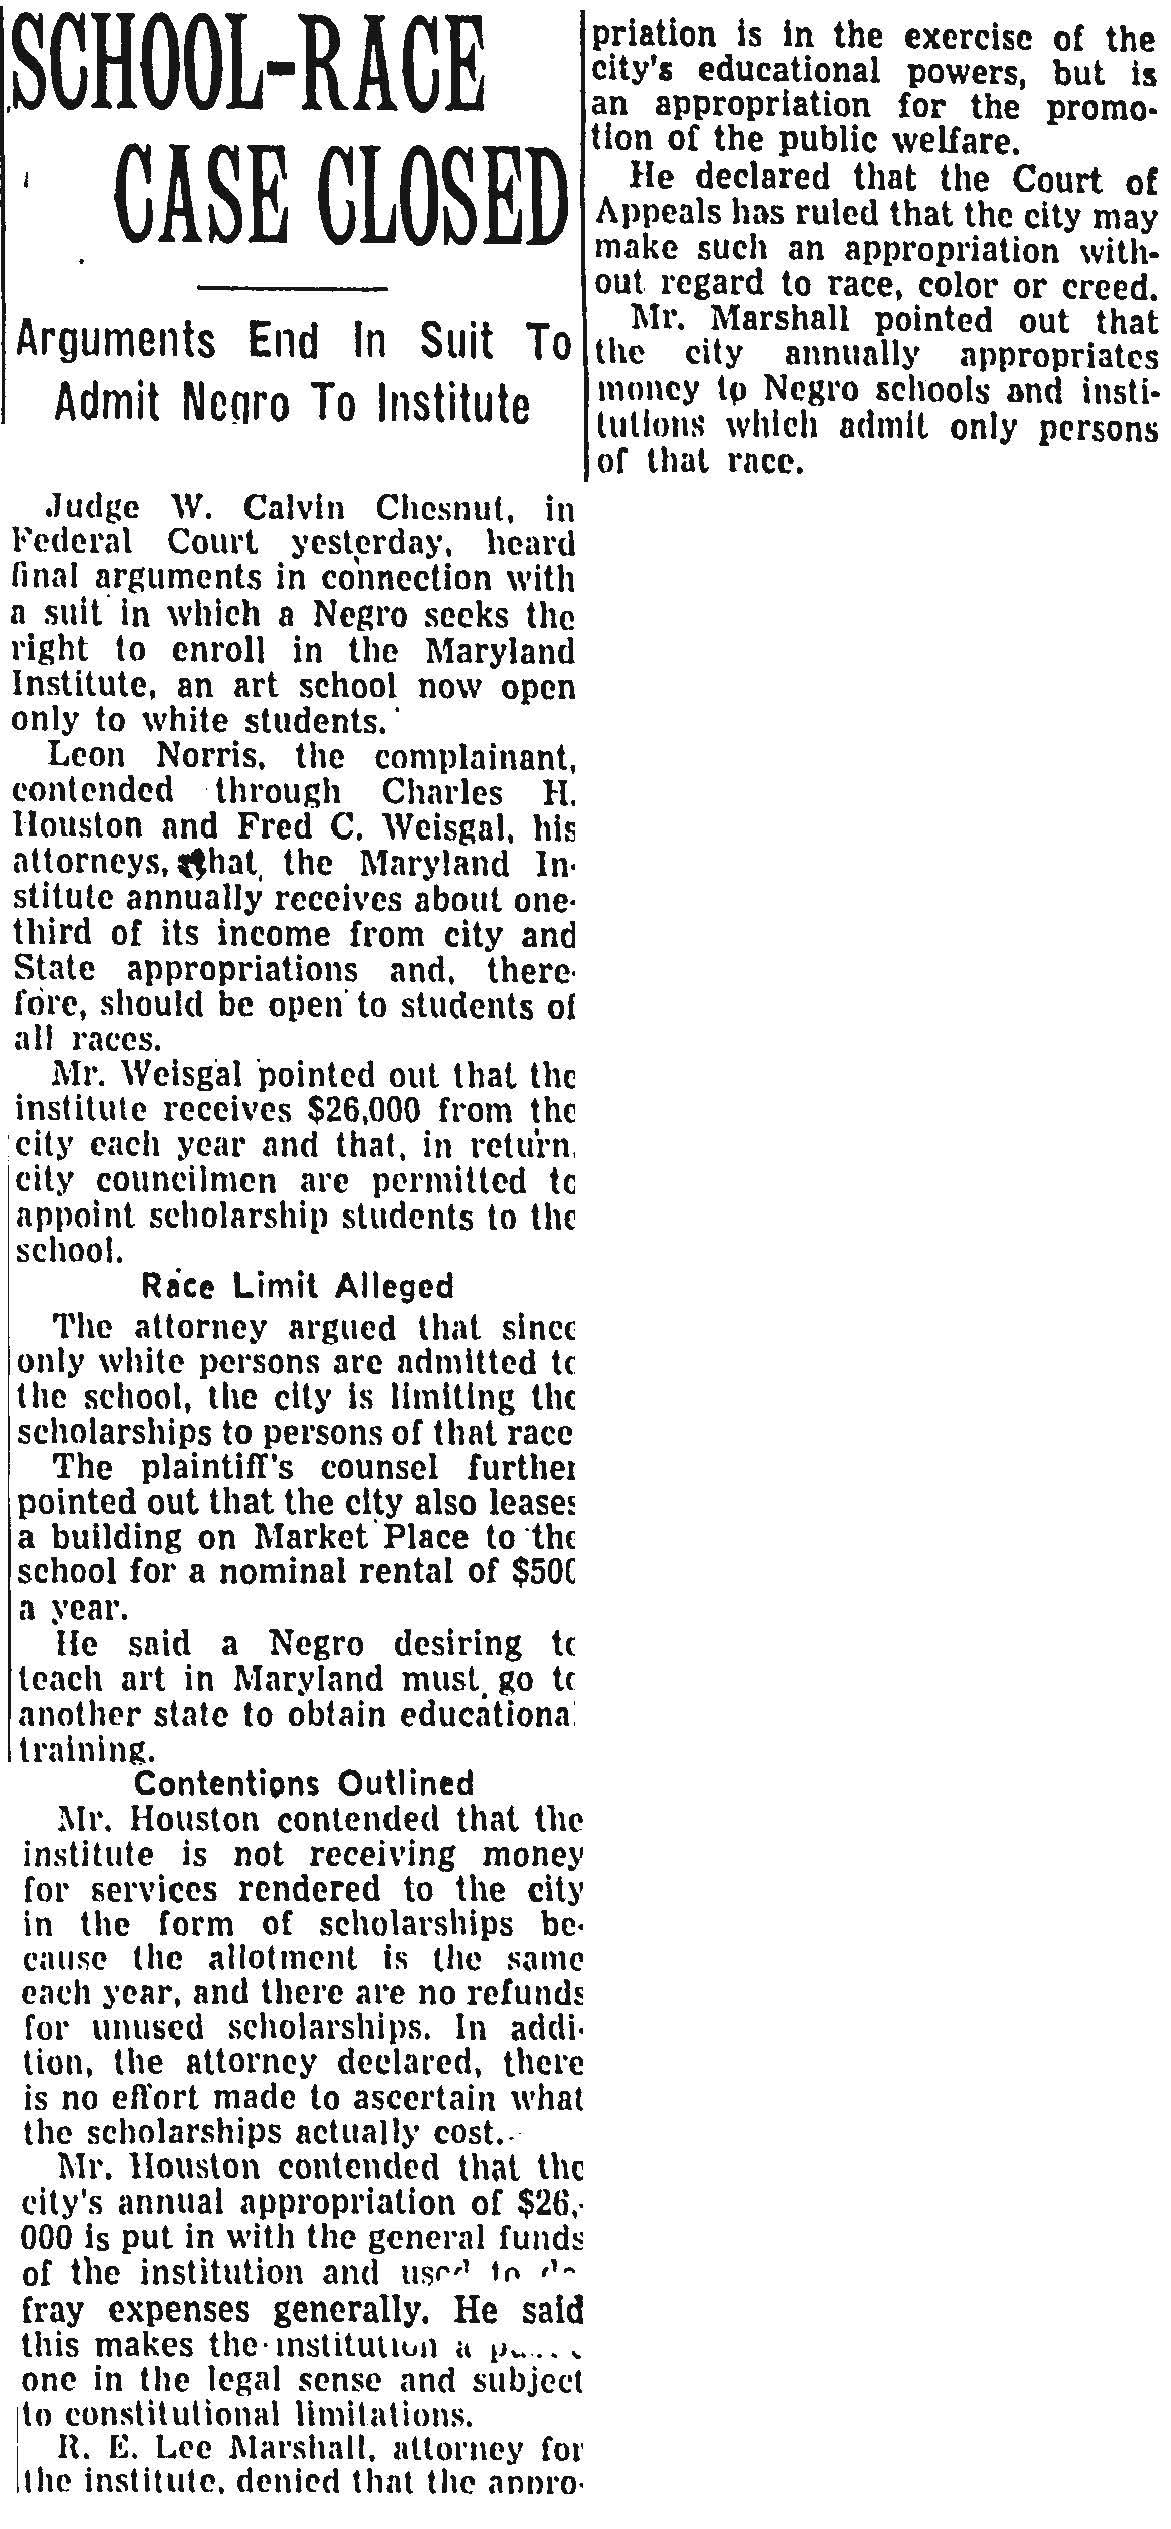 1948-6-2-SCHOOL-RAGE_CASE_CLOSED_ARGUM.jpg